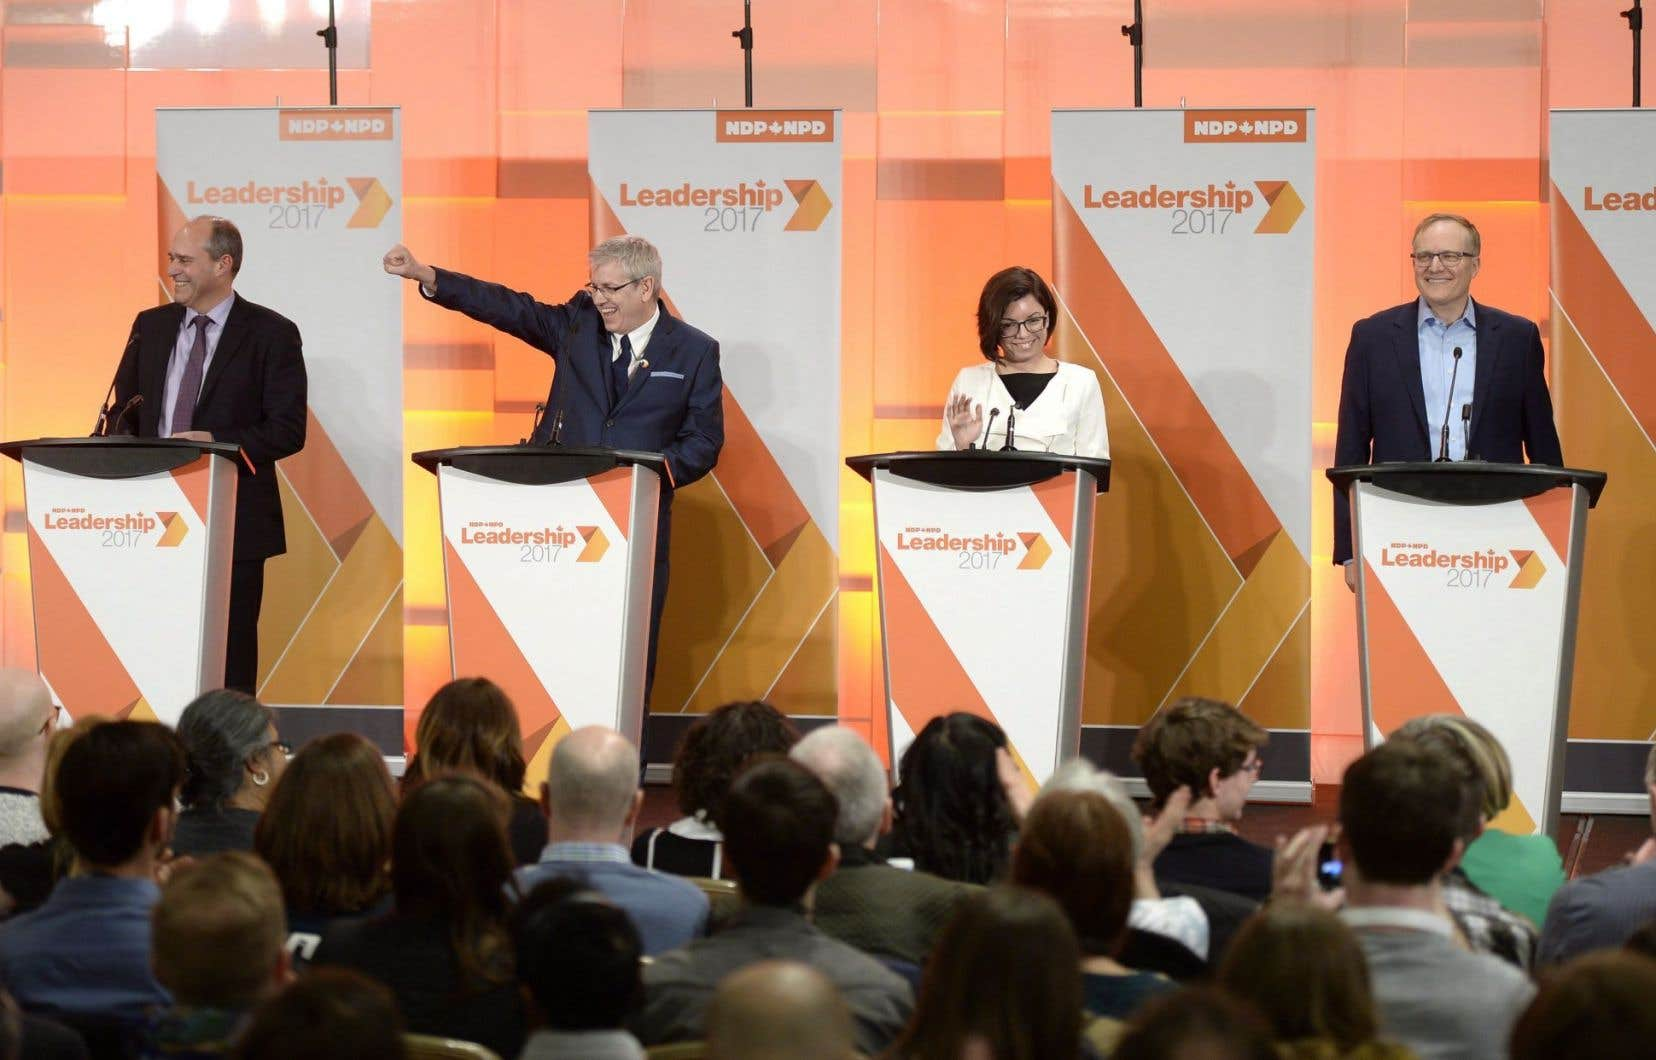 Les candidats Guy Caron, Charlie Angus, Niki Ashton et Peter Julian(qui s'est récemment retiré de la course) lors du premier débat de la course, à Ottawa, en mars dernier.